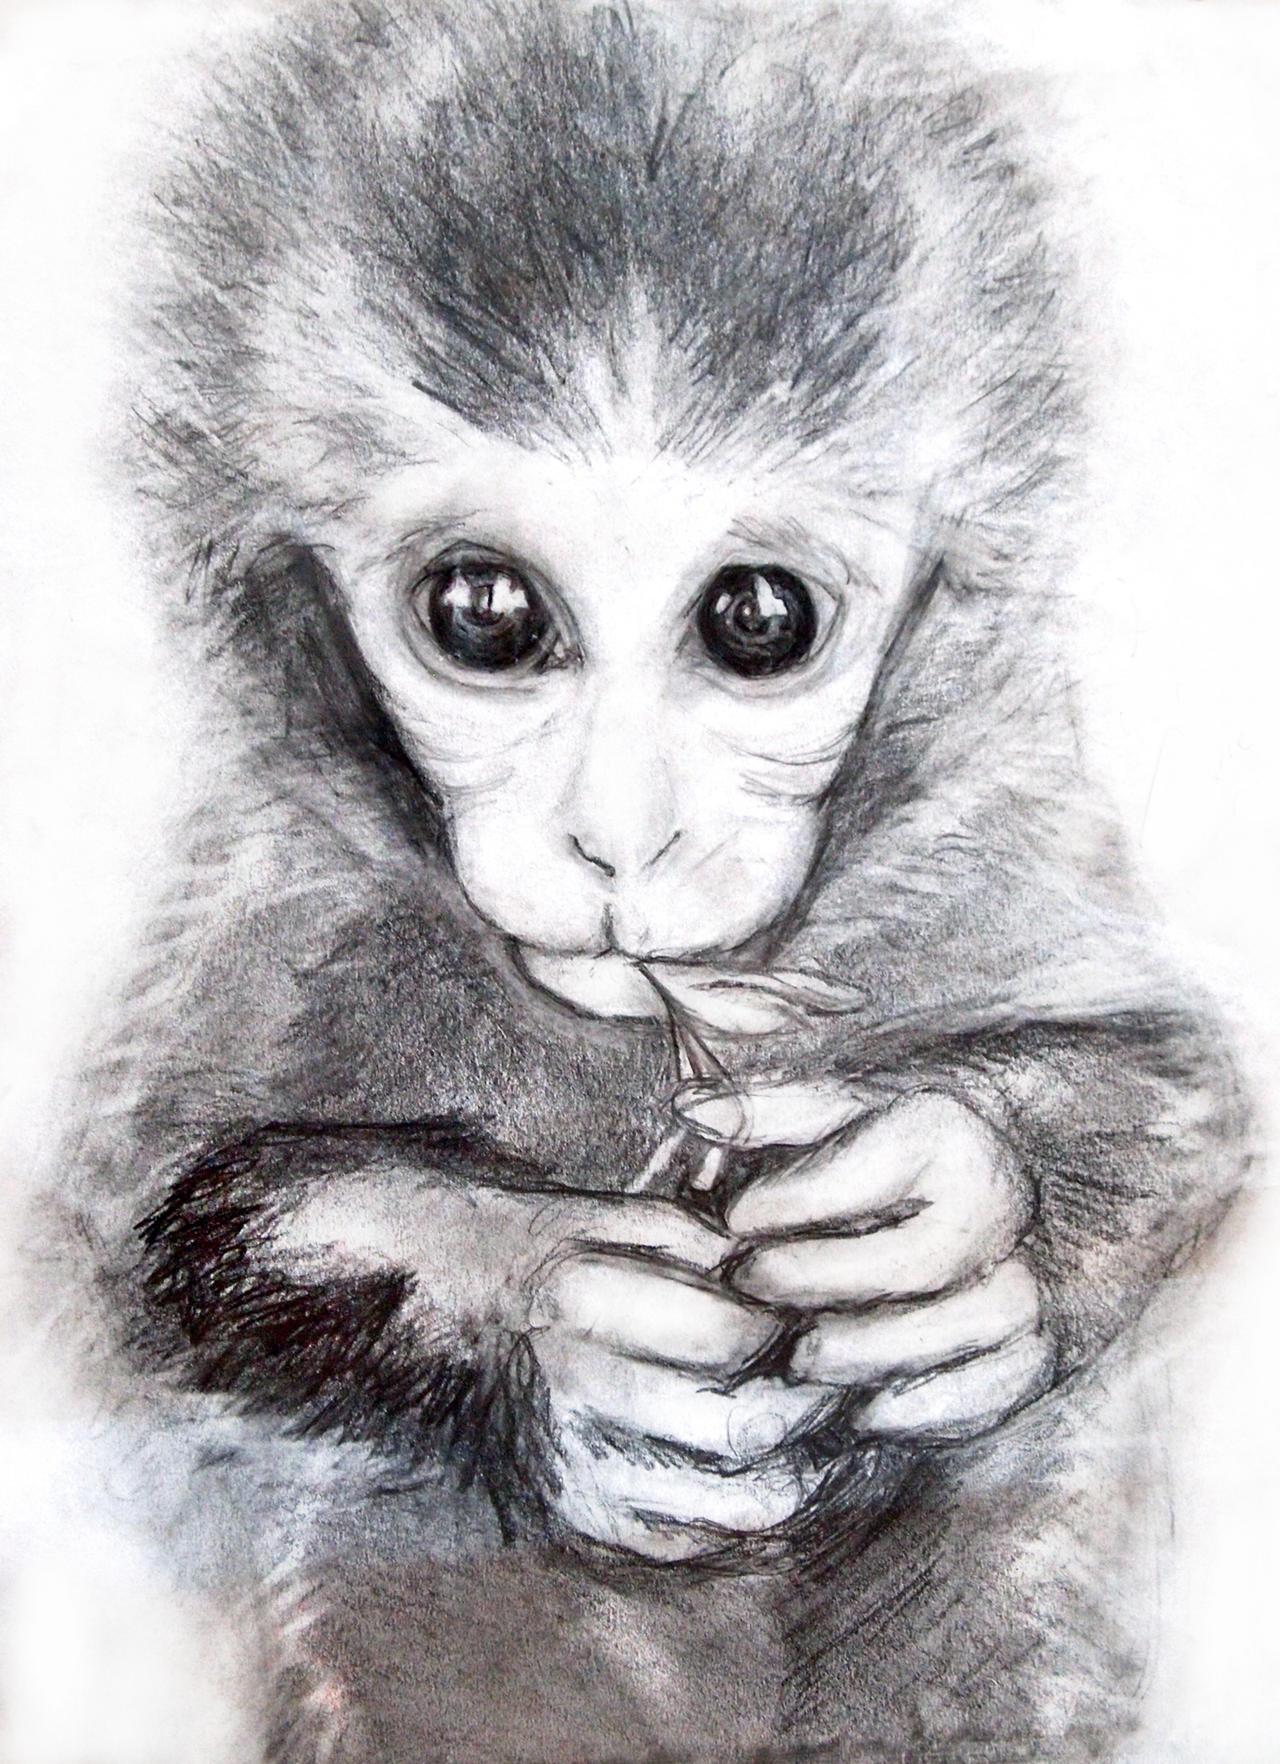 Cute Little Baby Monkeys Cute Little Monkey by